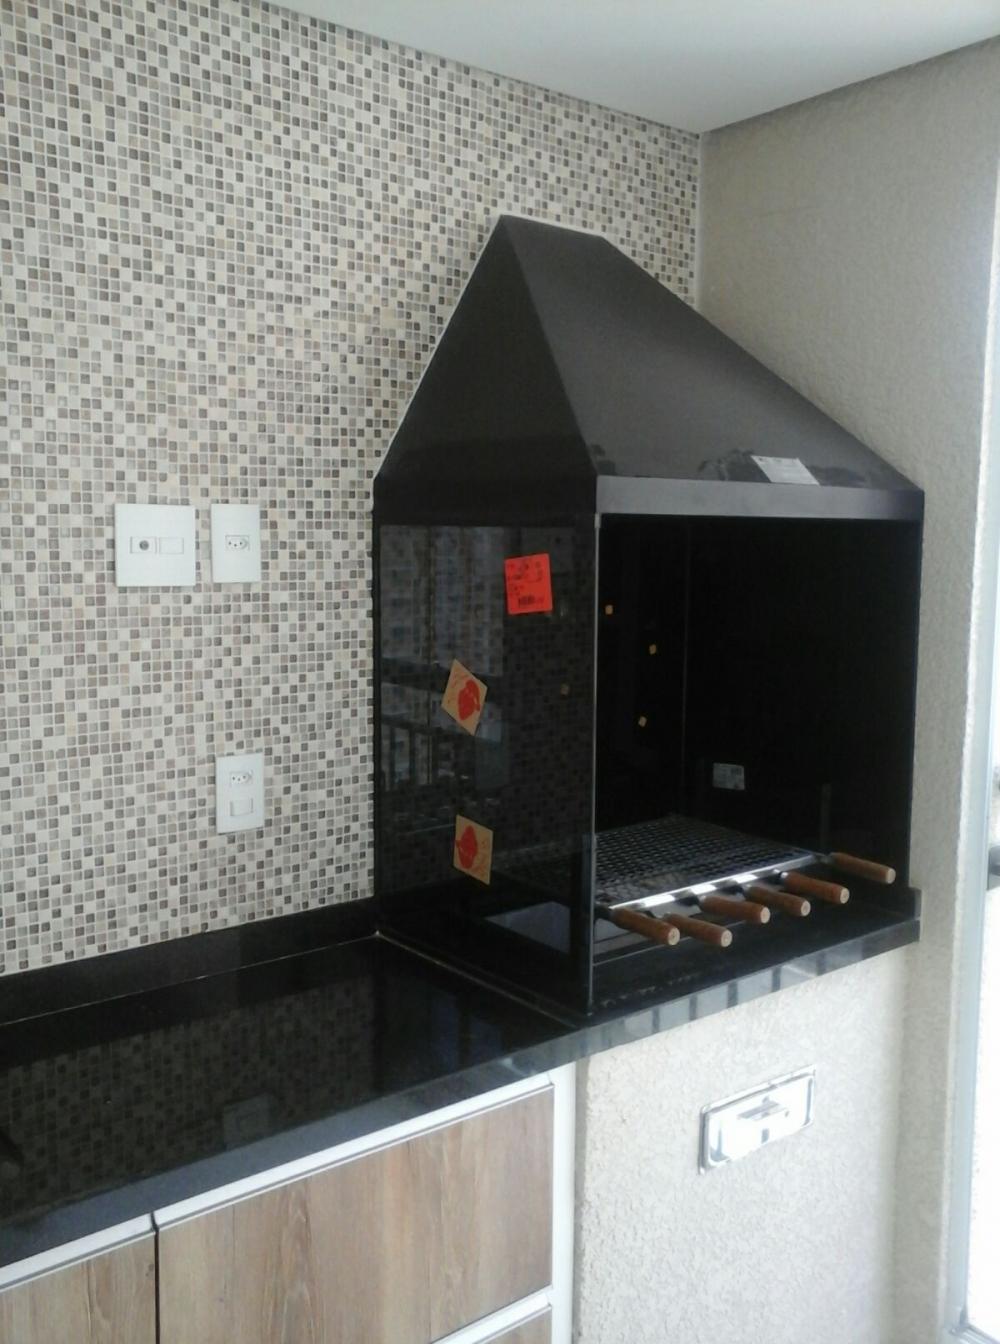 Empresa de Fazer Serviços de Vidraçaria na Vila Formosa - Vidraçaria na Zona Leste